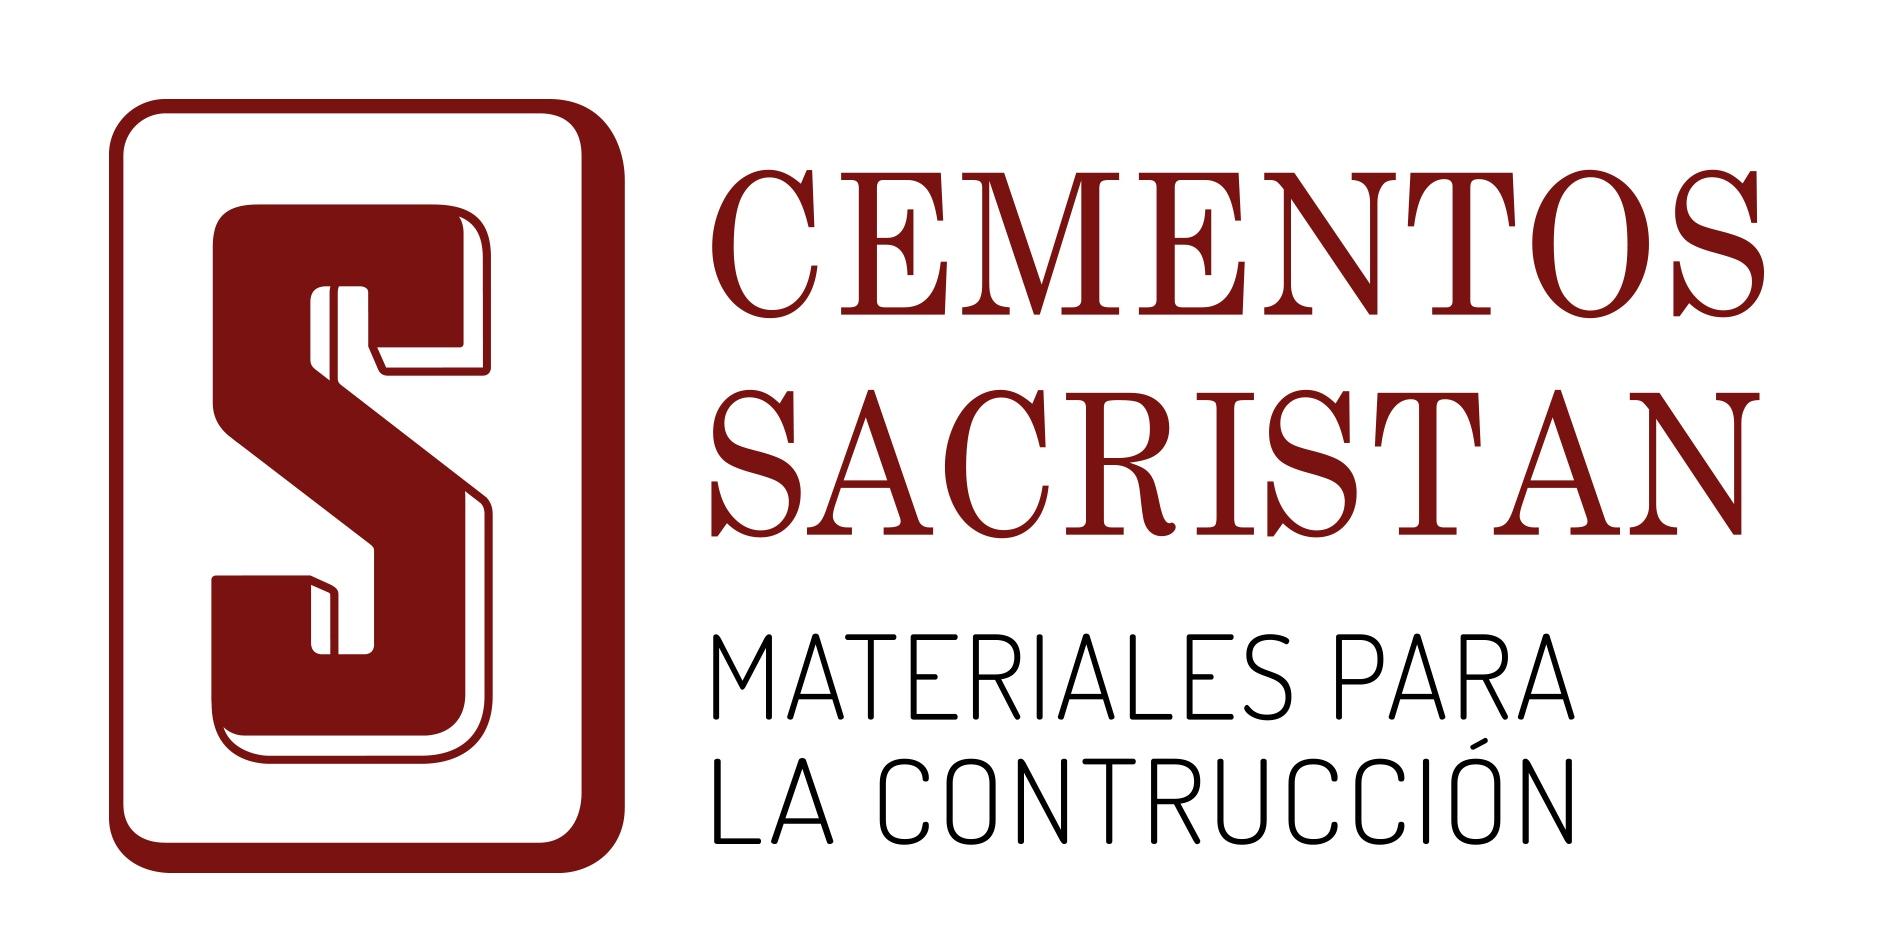 Cementos Sacristán S.A.